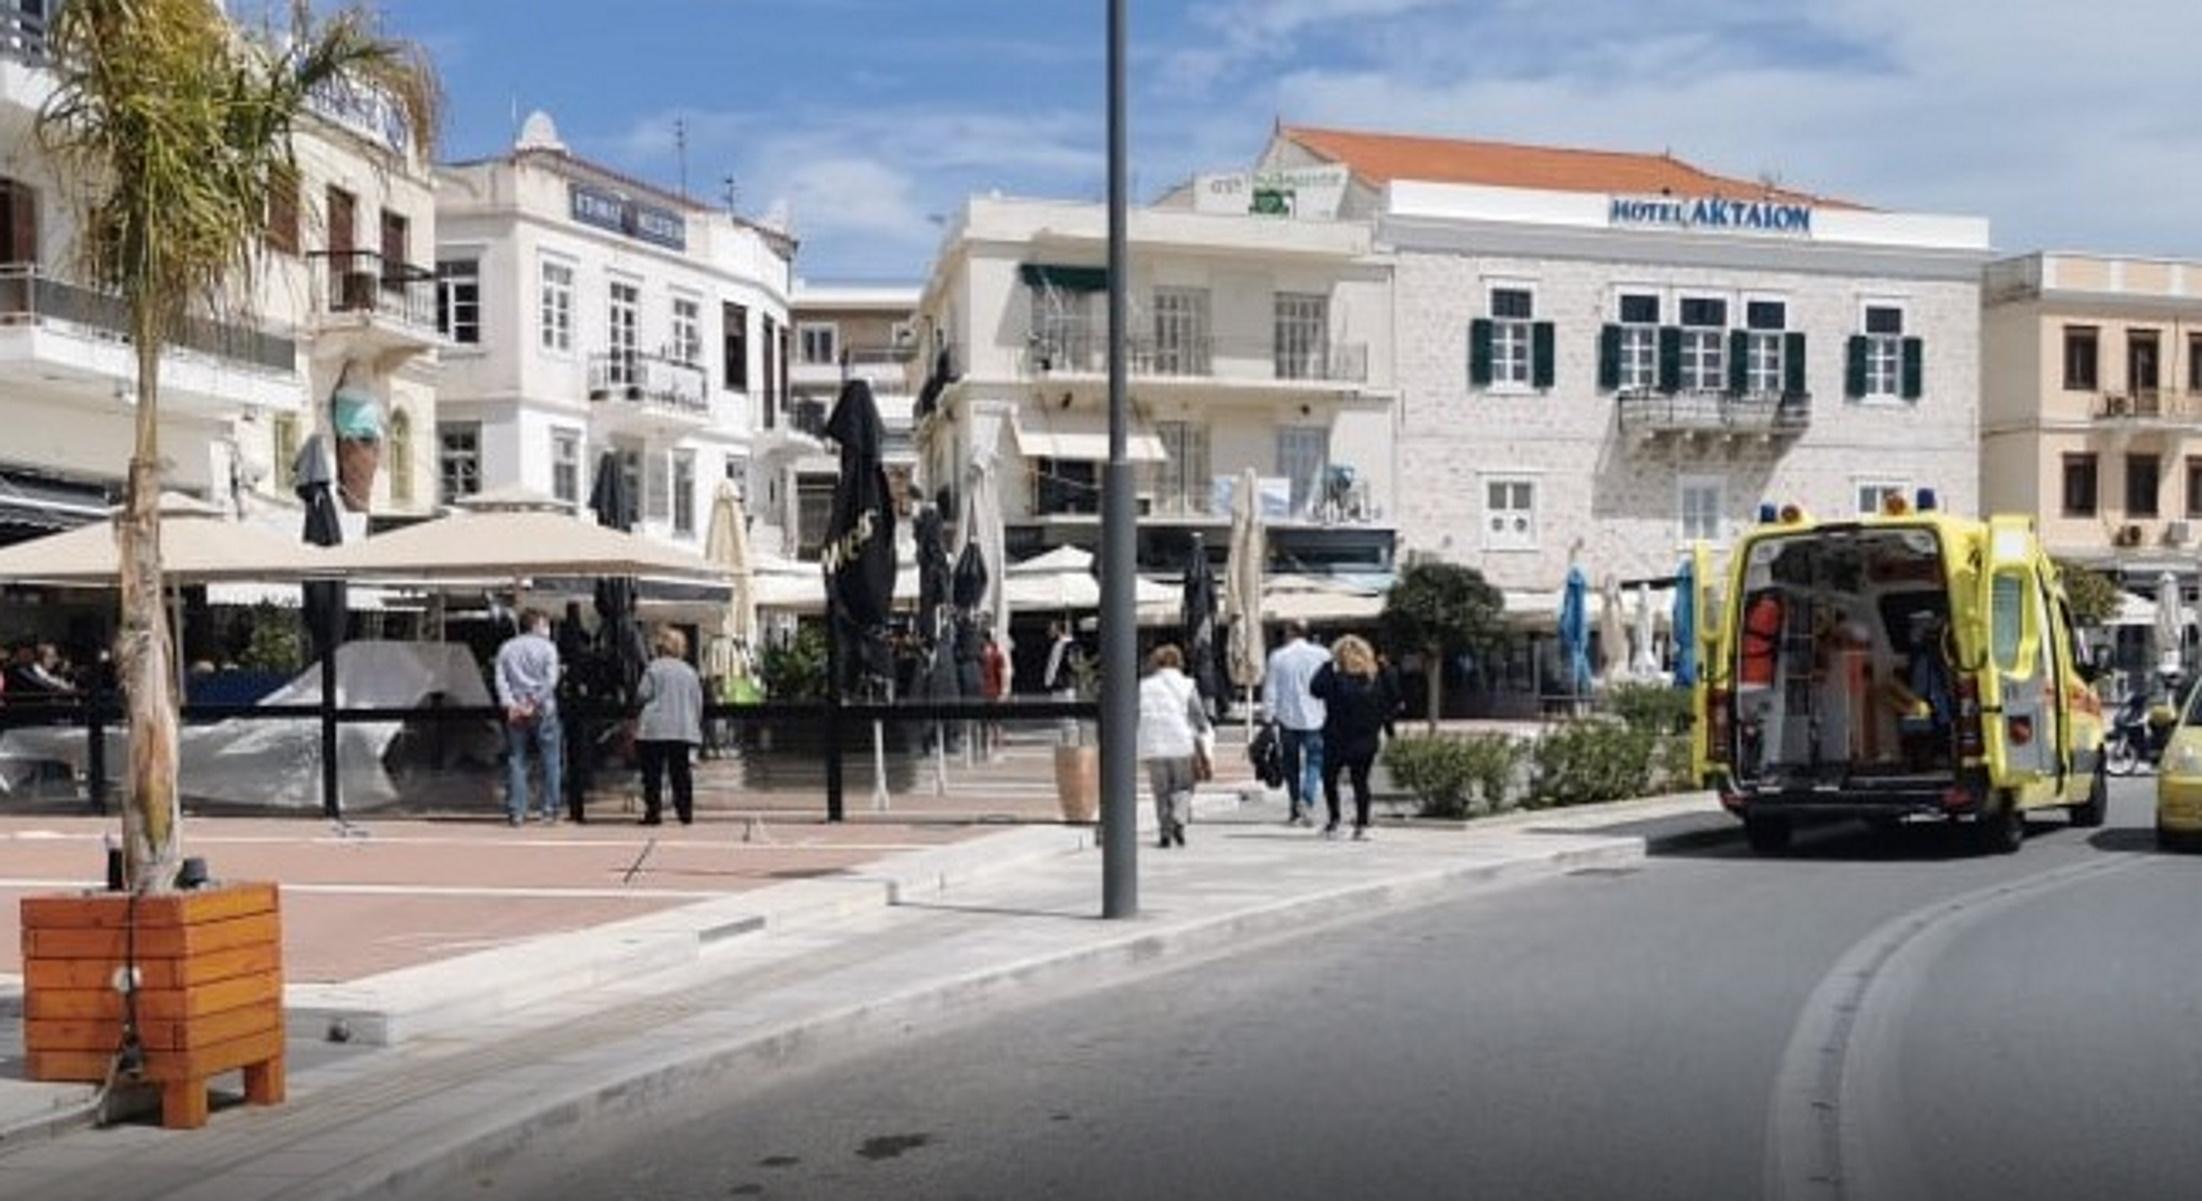 Ερμούπολη: Τον μαχαίρωσαν μέρα – μεσημέρι δίπλα στη γυναίκα του (pics)